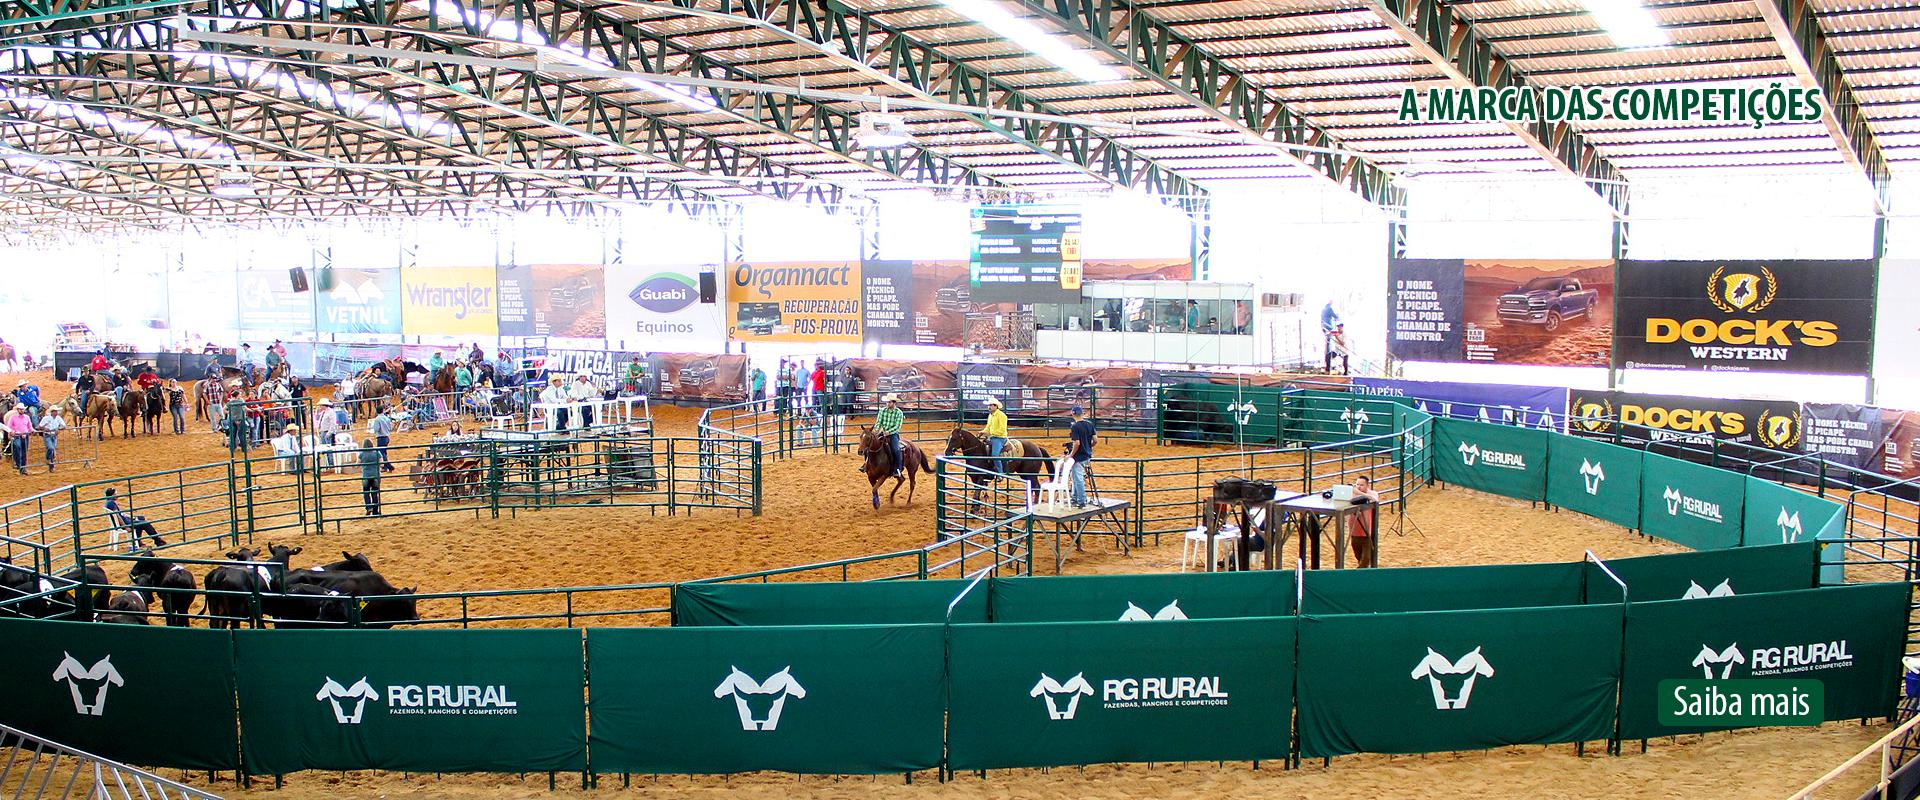 Banner a marca das competições